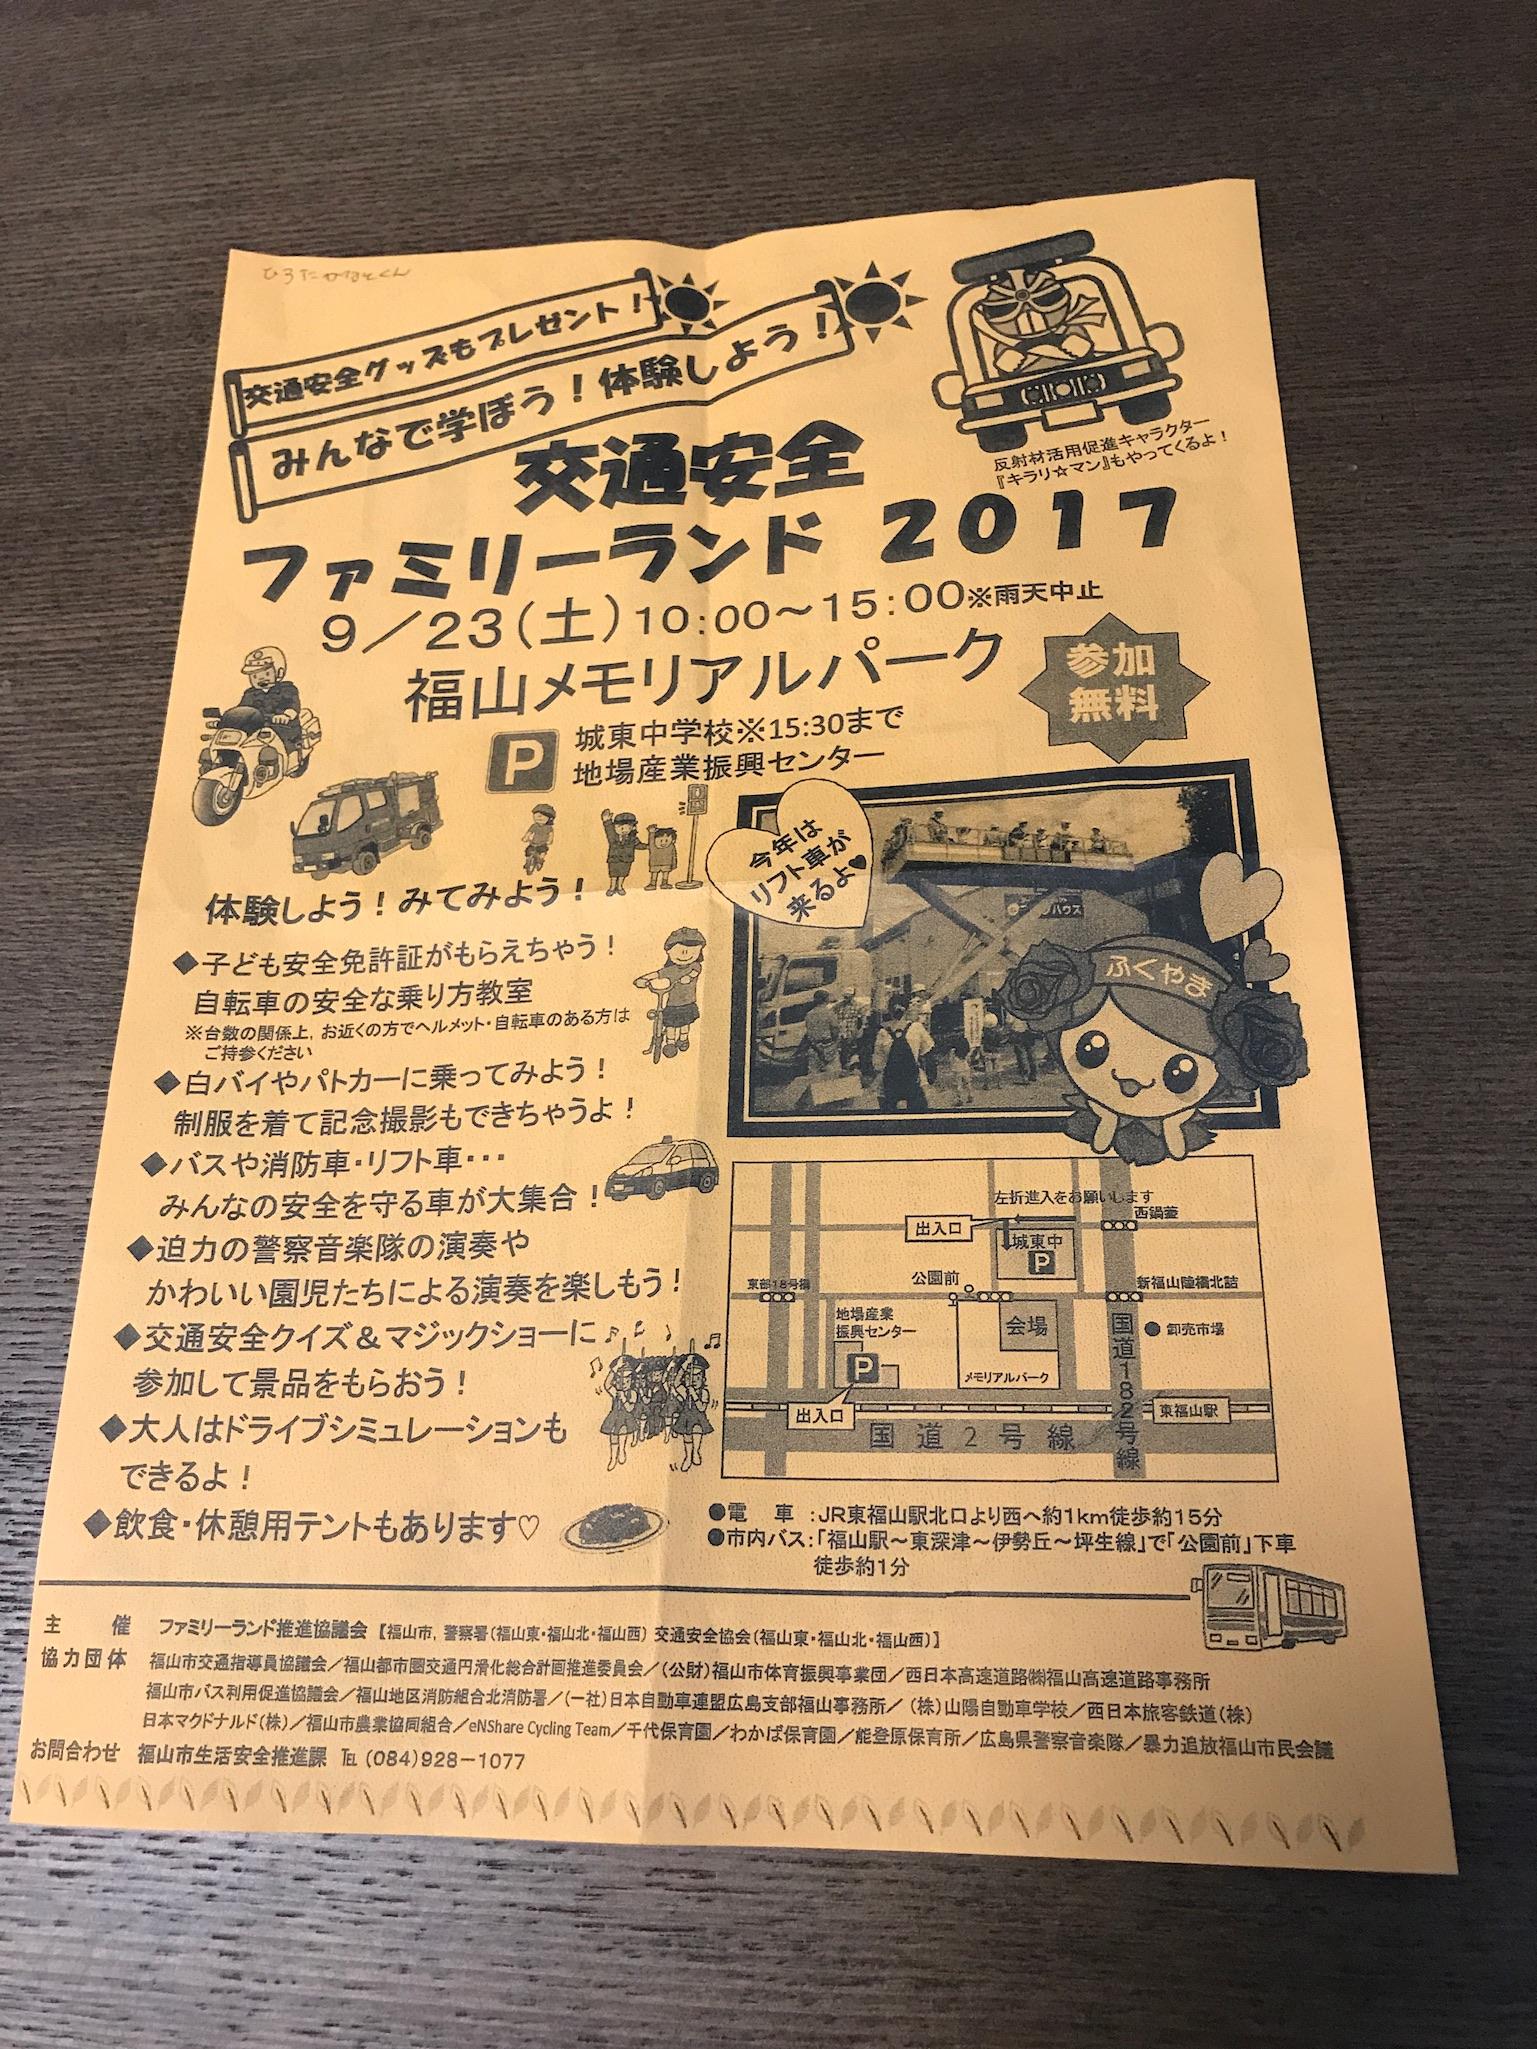 2017.9.23 交通安全ファミリーランド 9.17 ロイヤル祭り